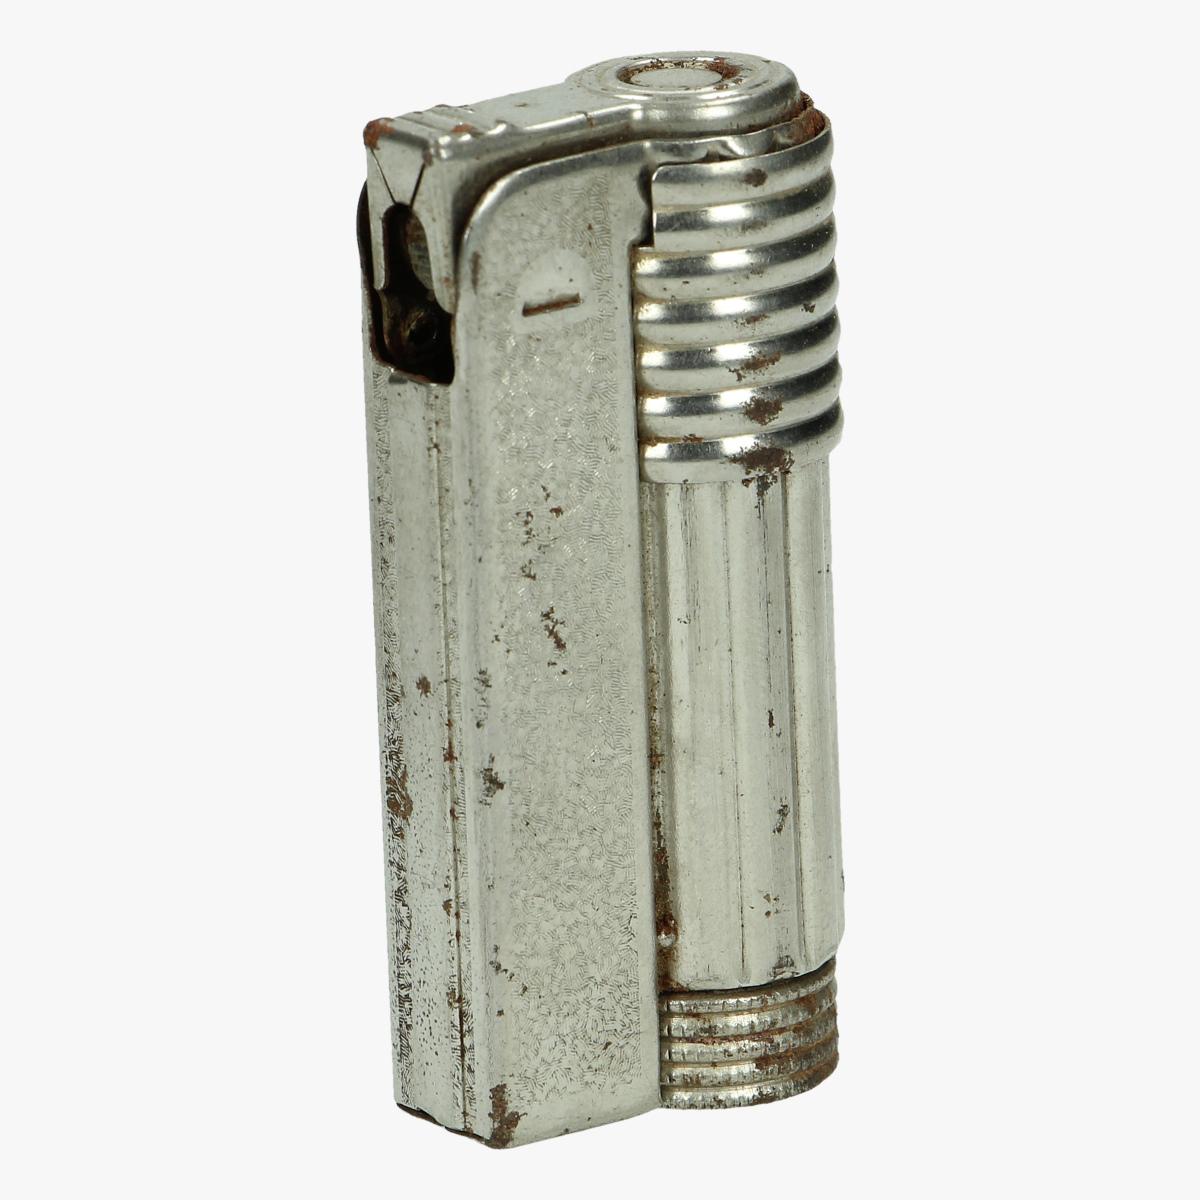 Afbeeldingen van oude aansteker imco triplex made in austria